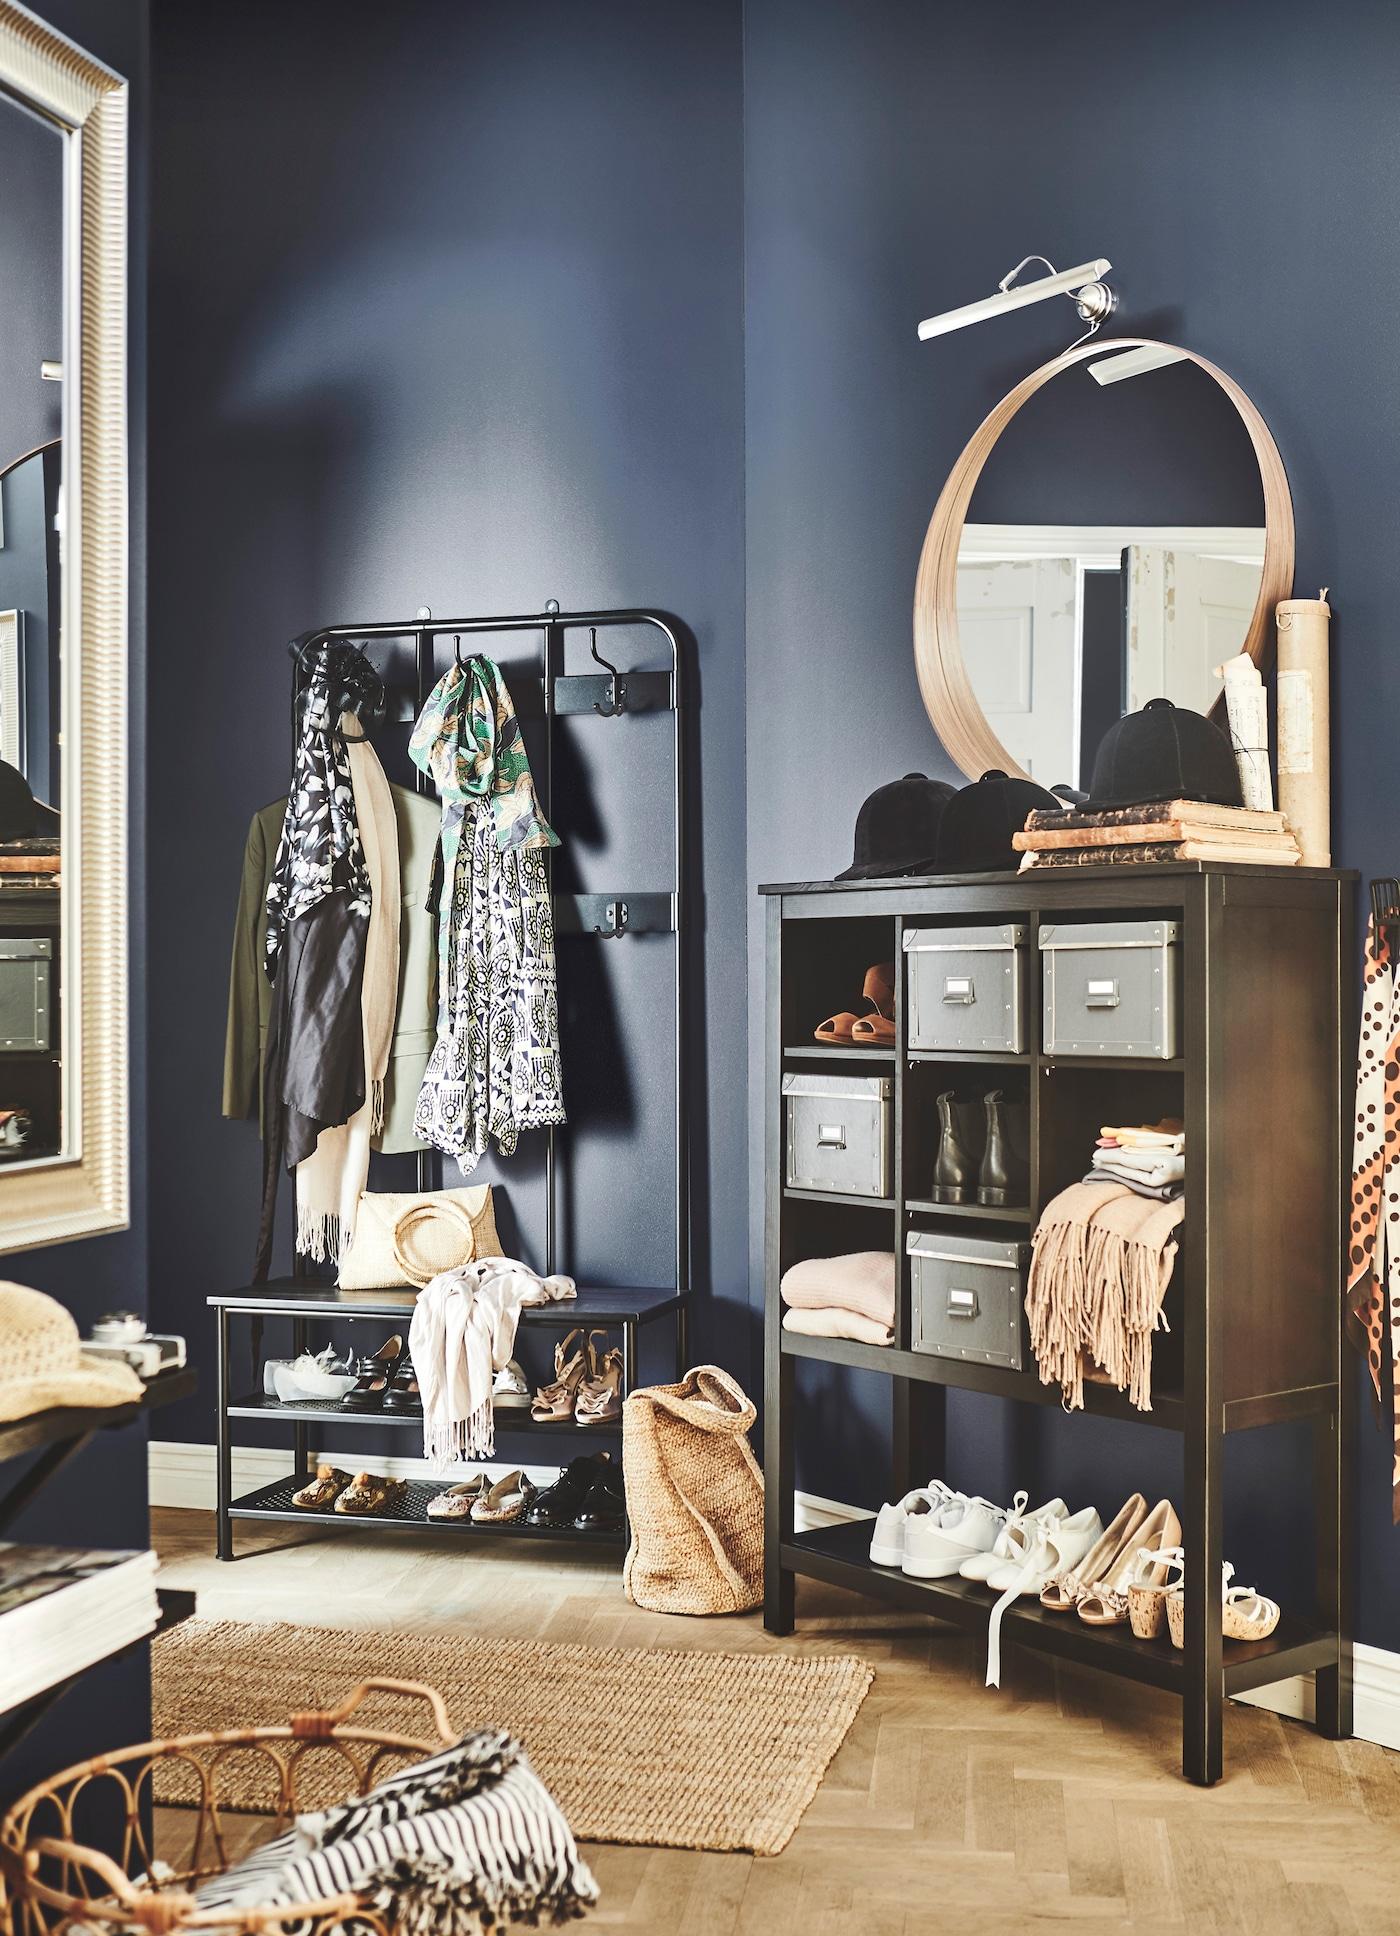 Prenez l'organisation de l'entrée en main avec le rangement HEMNES et le portemanteau PINNIG IKEA. Ce duo garde toutes vos choses bien rangées et offre même un banc et un range-chaussures intégrés.